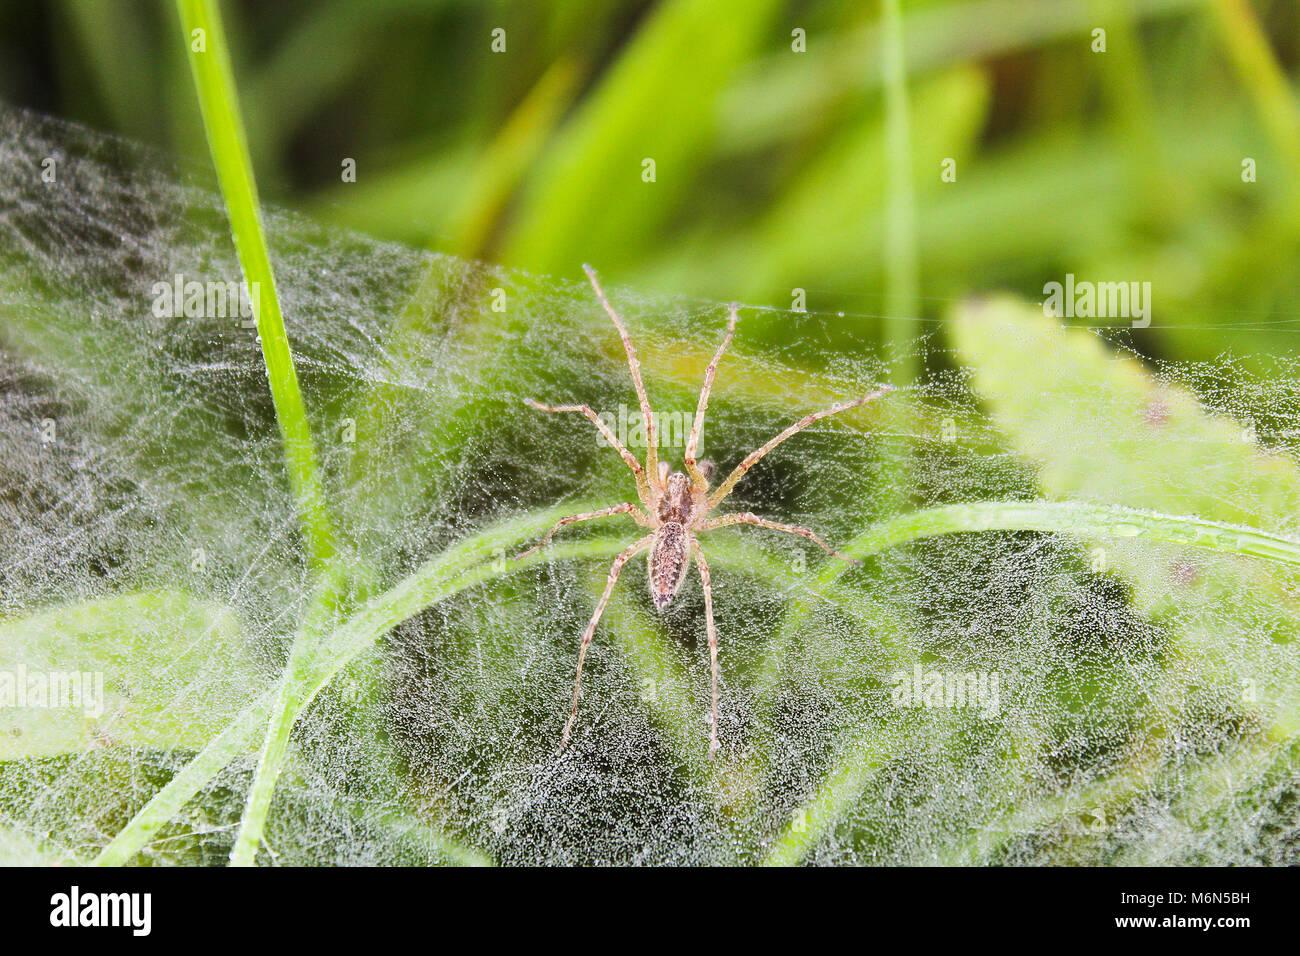 Petite araignée sur le bord de cobweb in grass Banque D'Images